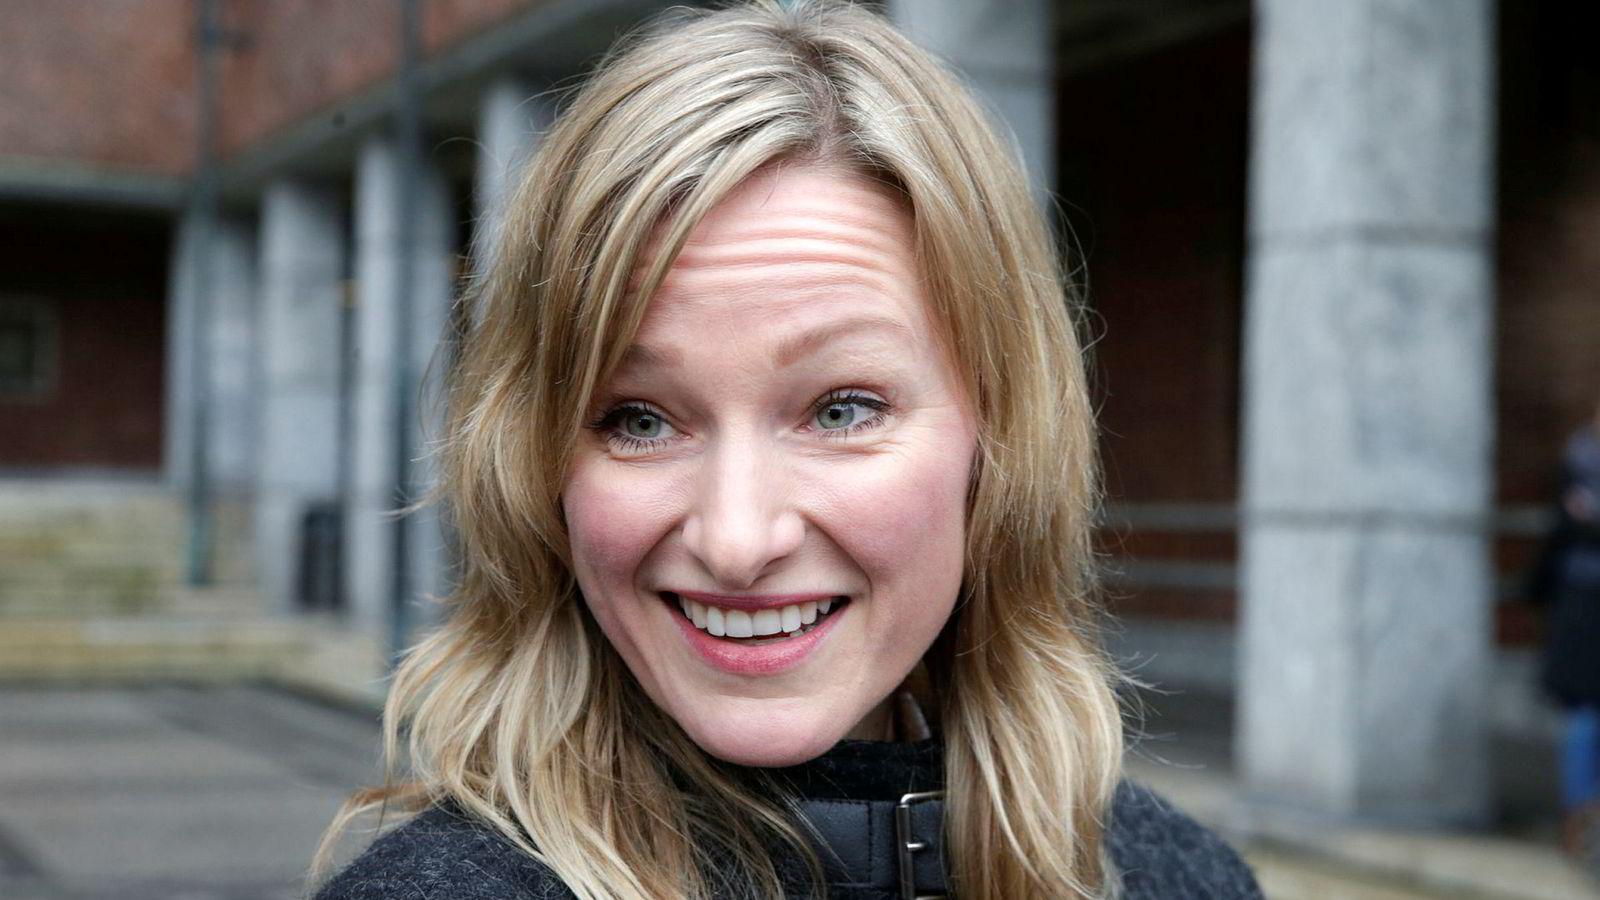 Byråd Inga Marte Thorkildsen (SV) slår tilbake etter å ha fått kraftig kritikk.